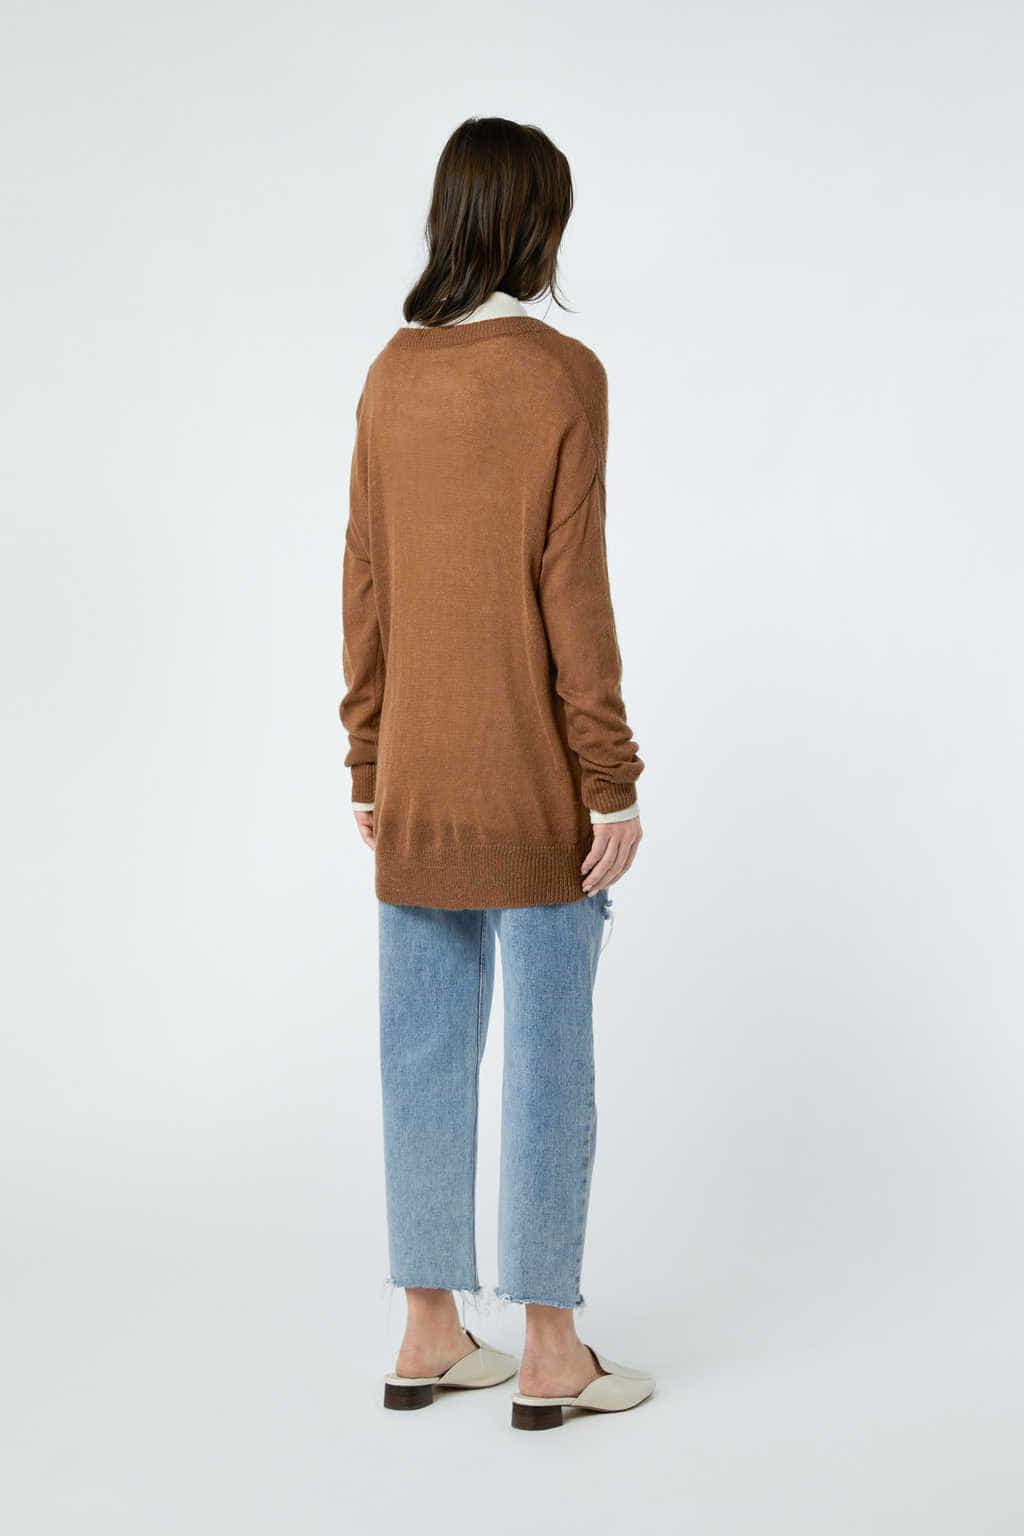 Sweater 2980 Tan 10